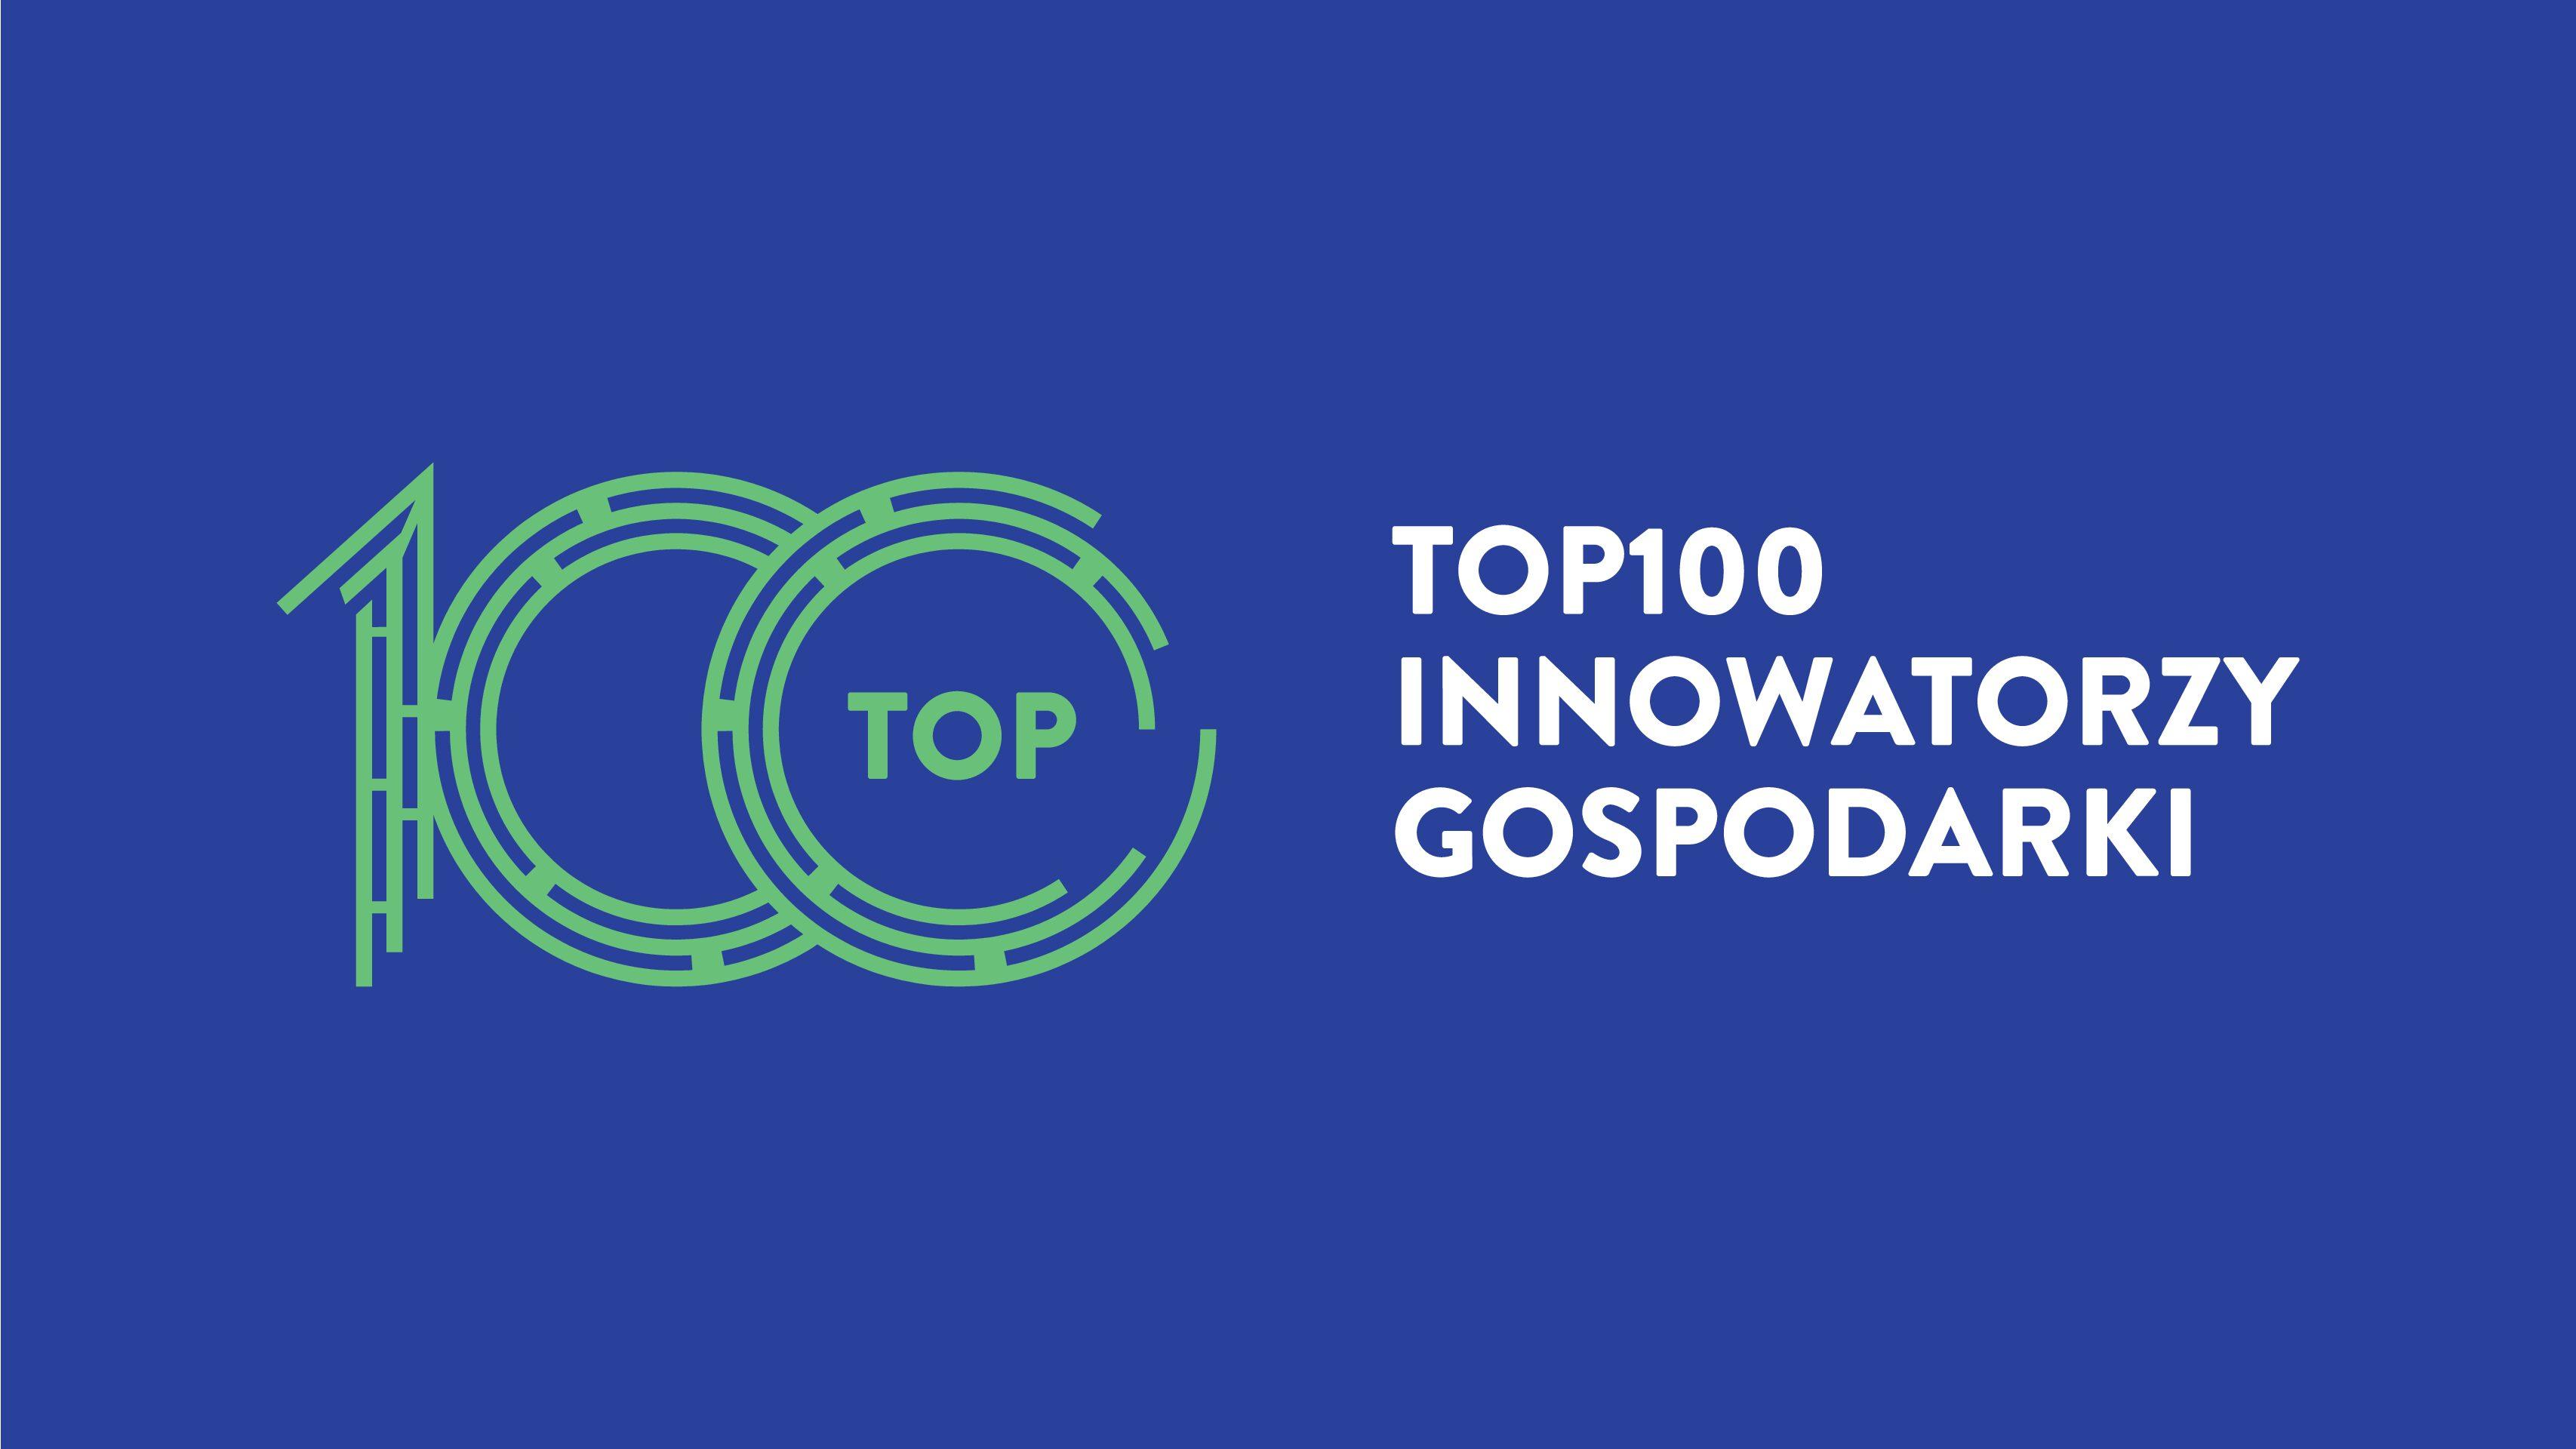 TOP100 Innowatorzy Gospodarki